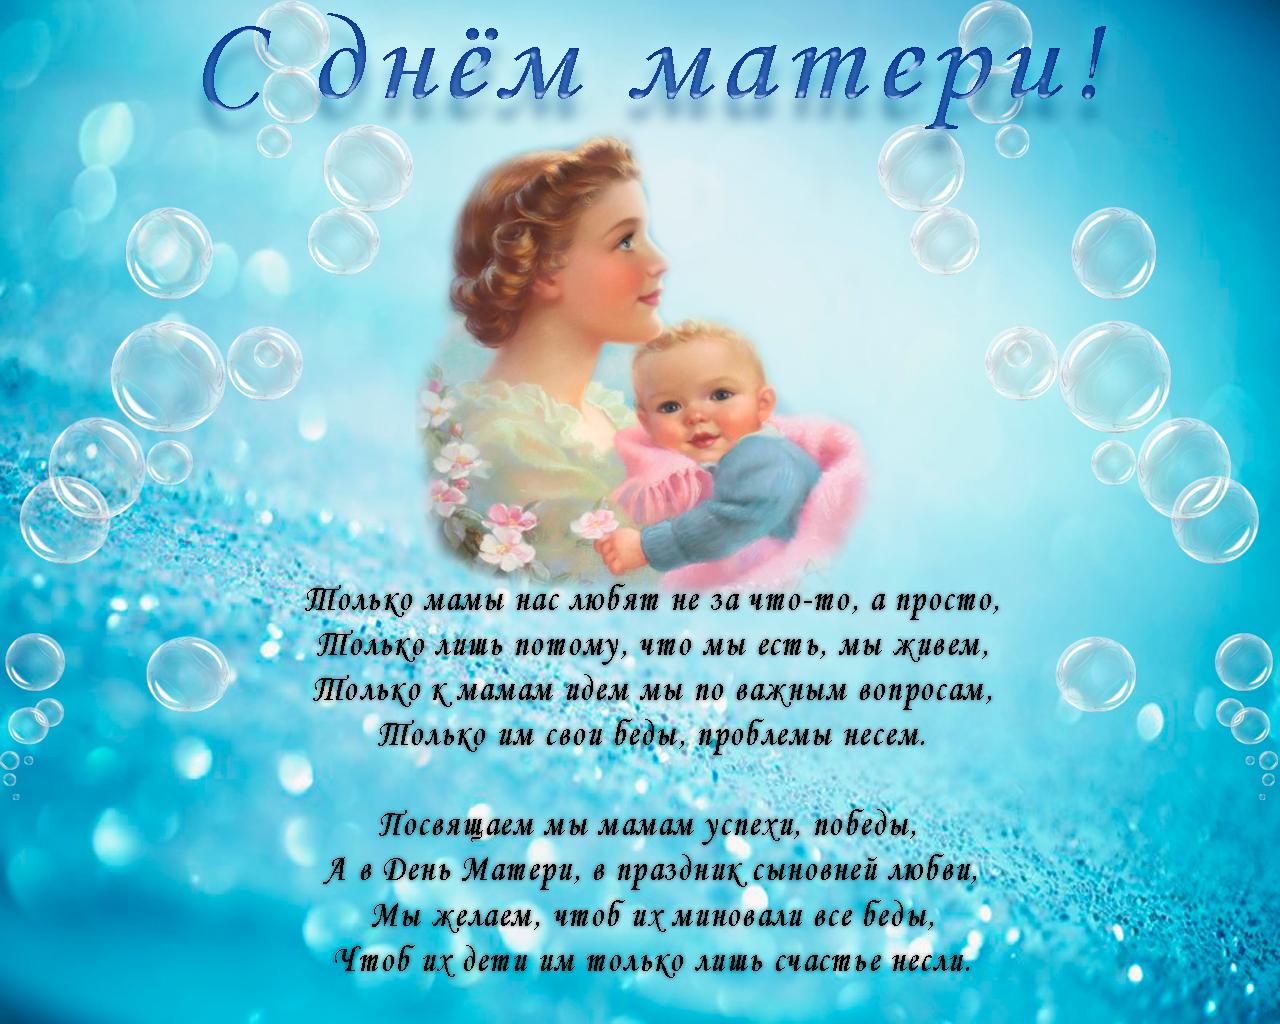 Поздравления от сына матери на день матери 26